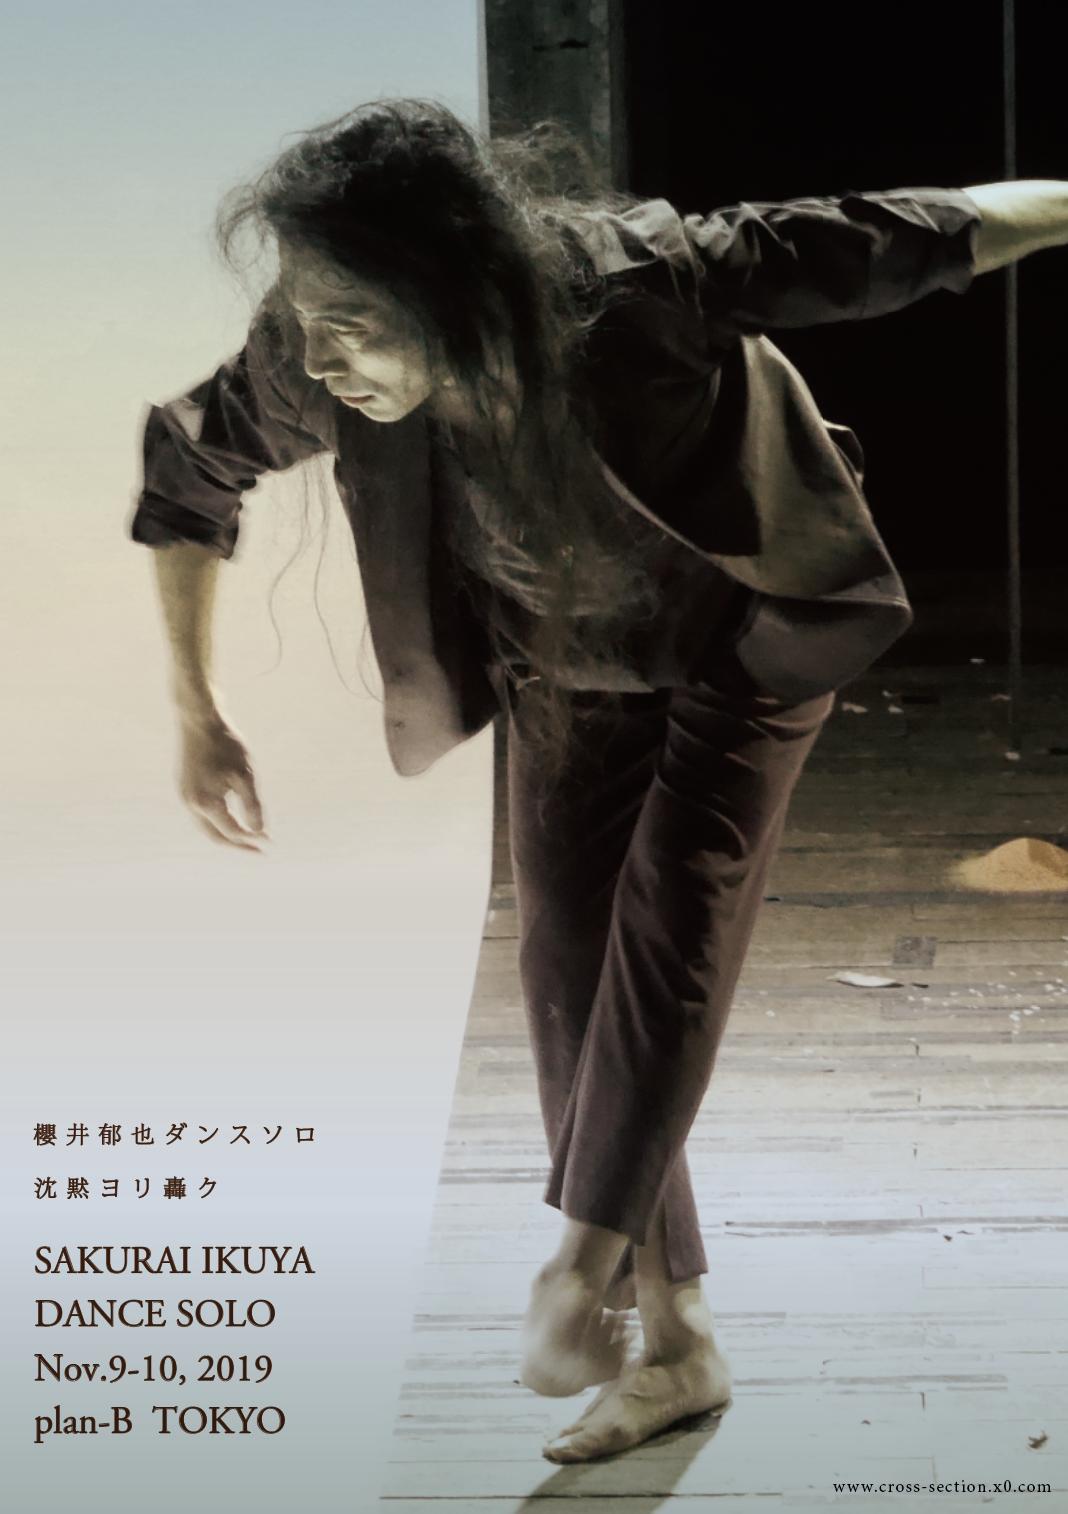 記事「ダンサー櫻井郁也、最新ソロ「沈黙ヨリ轟ク」上演!」の画像